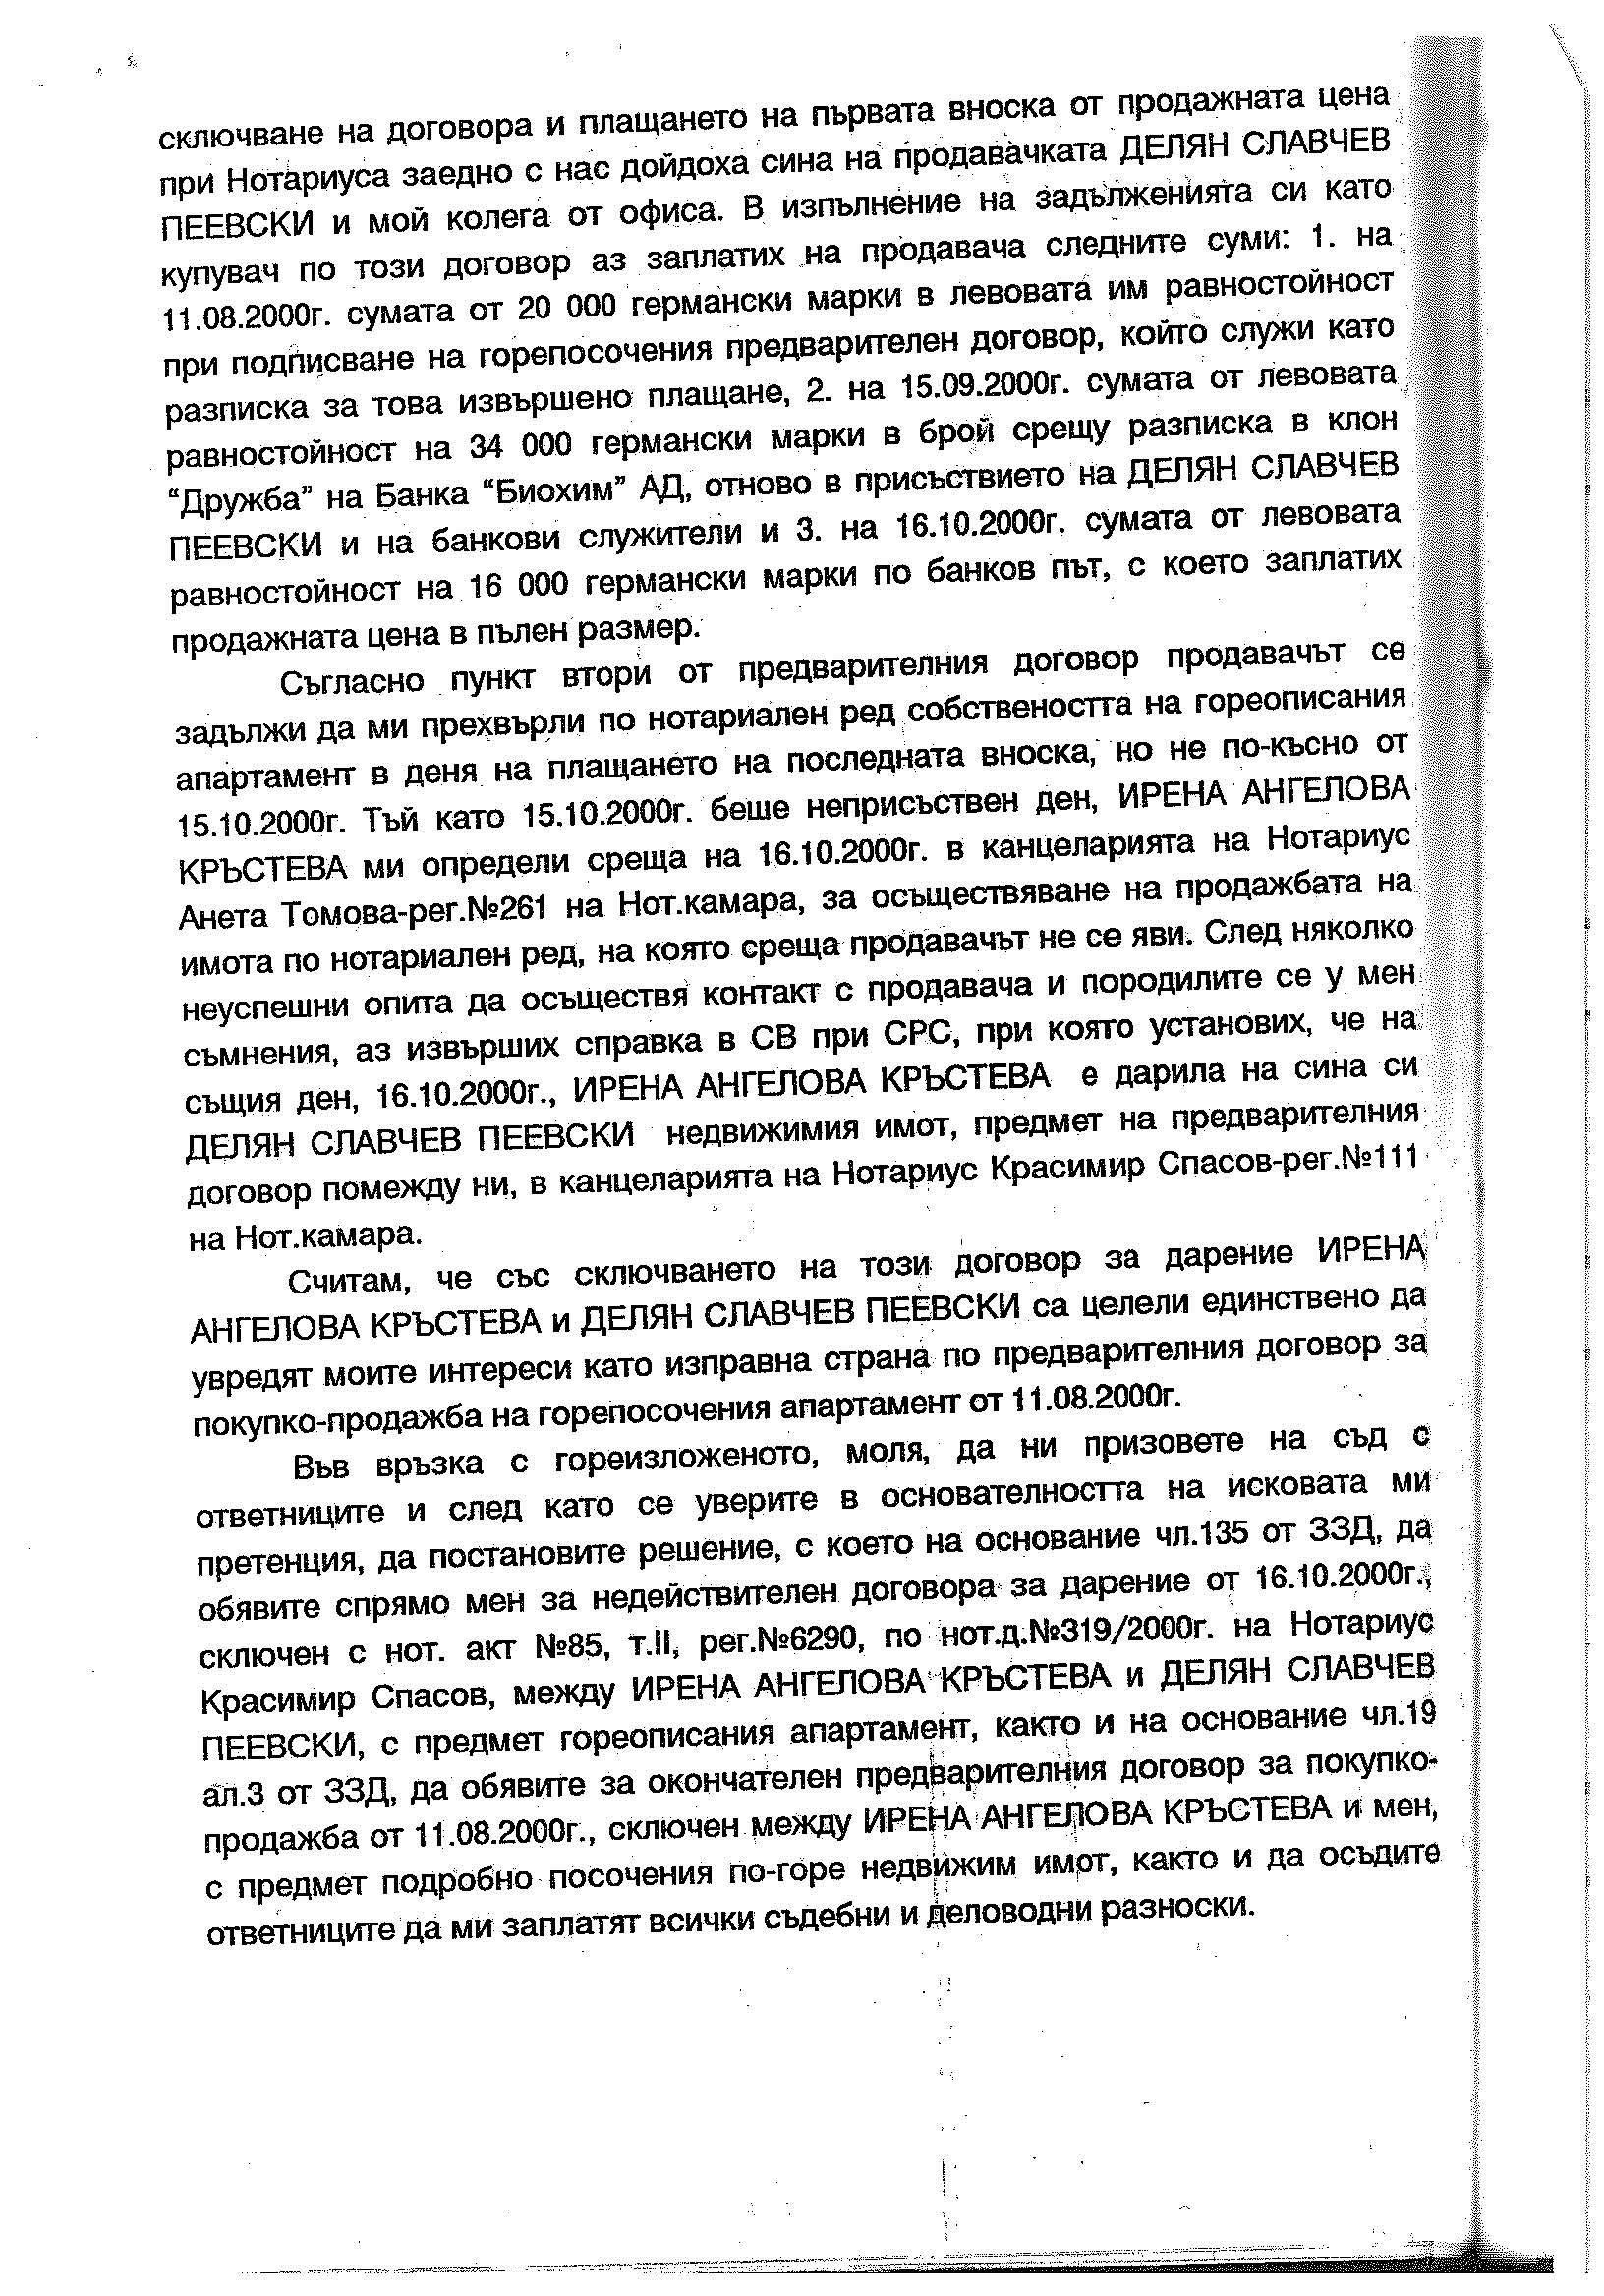 peevski-krusteva-isk-zavezhdane_page_2